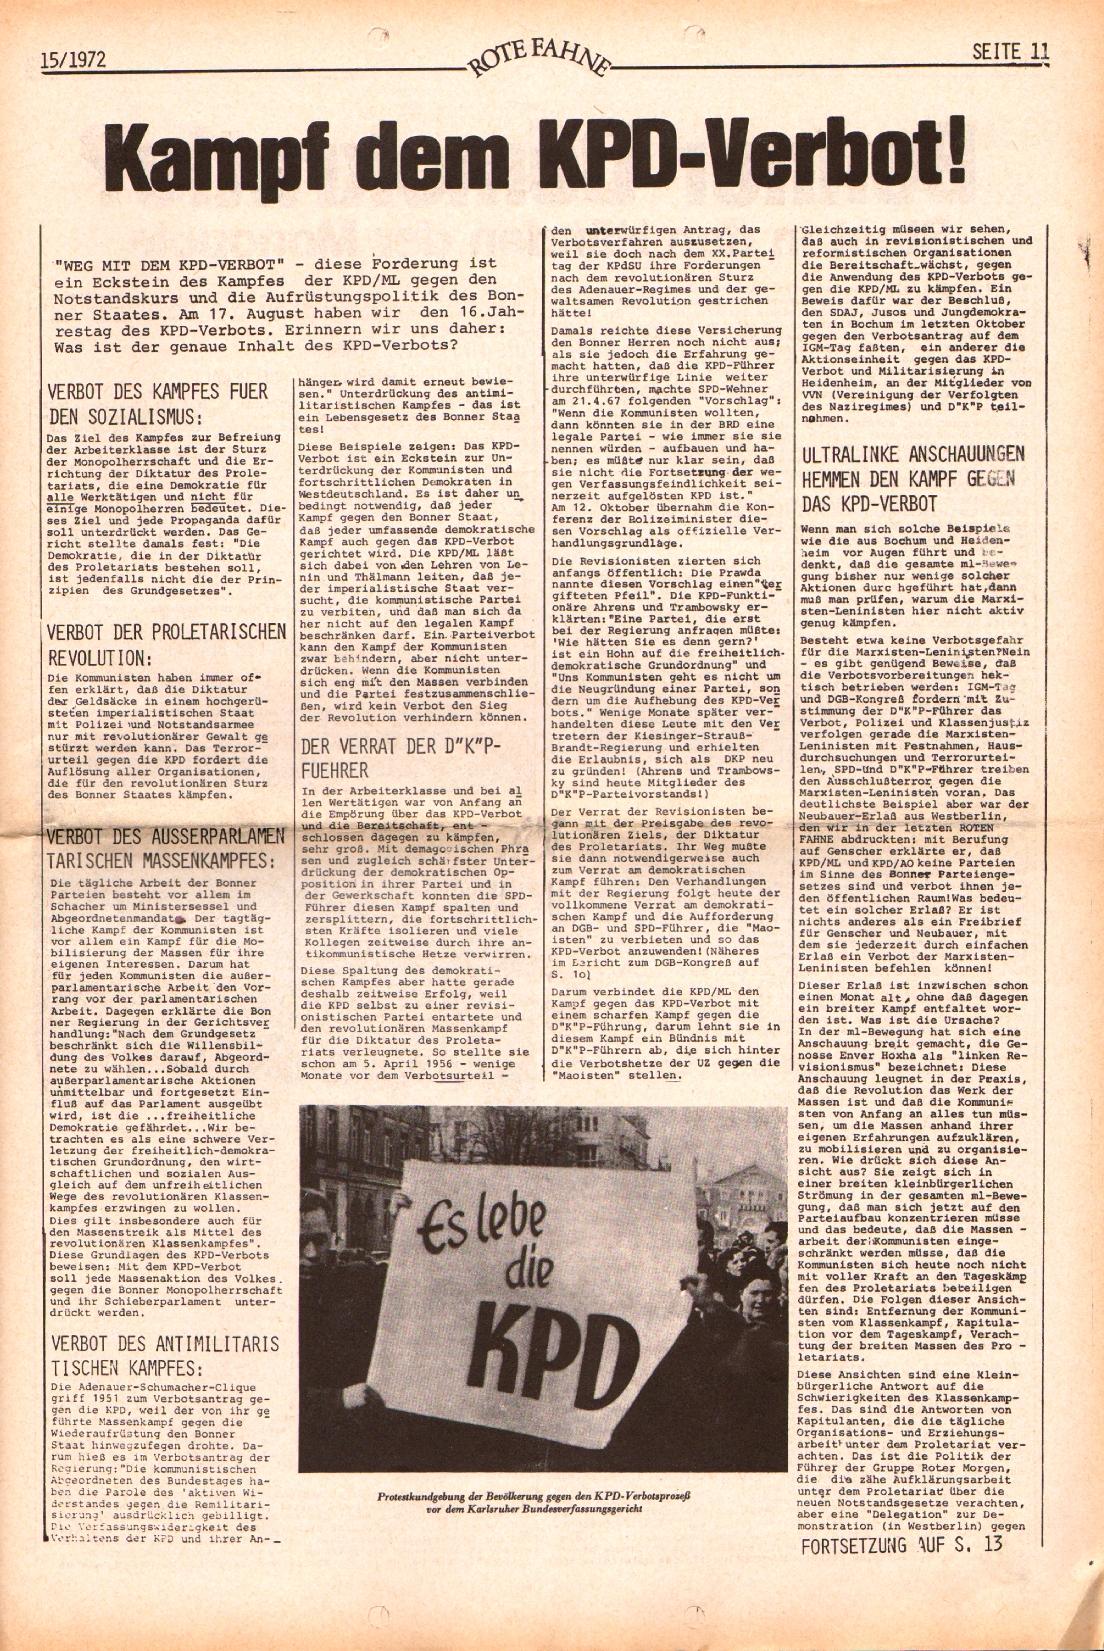 Rote Fahne, 3. Jg., 24.7.1972, Nr. 15, Seite 11